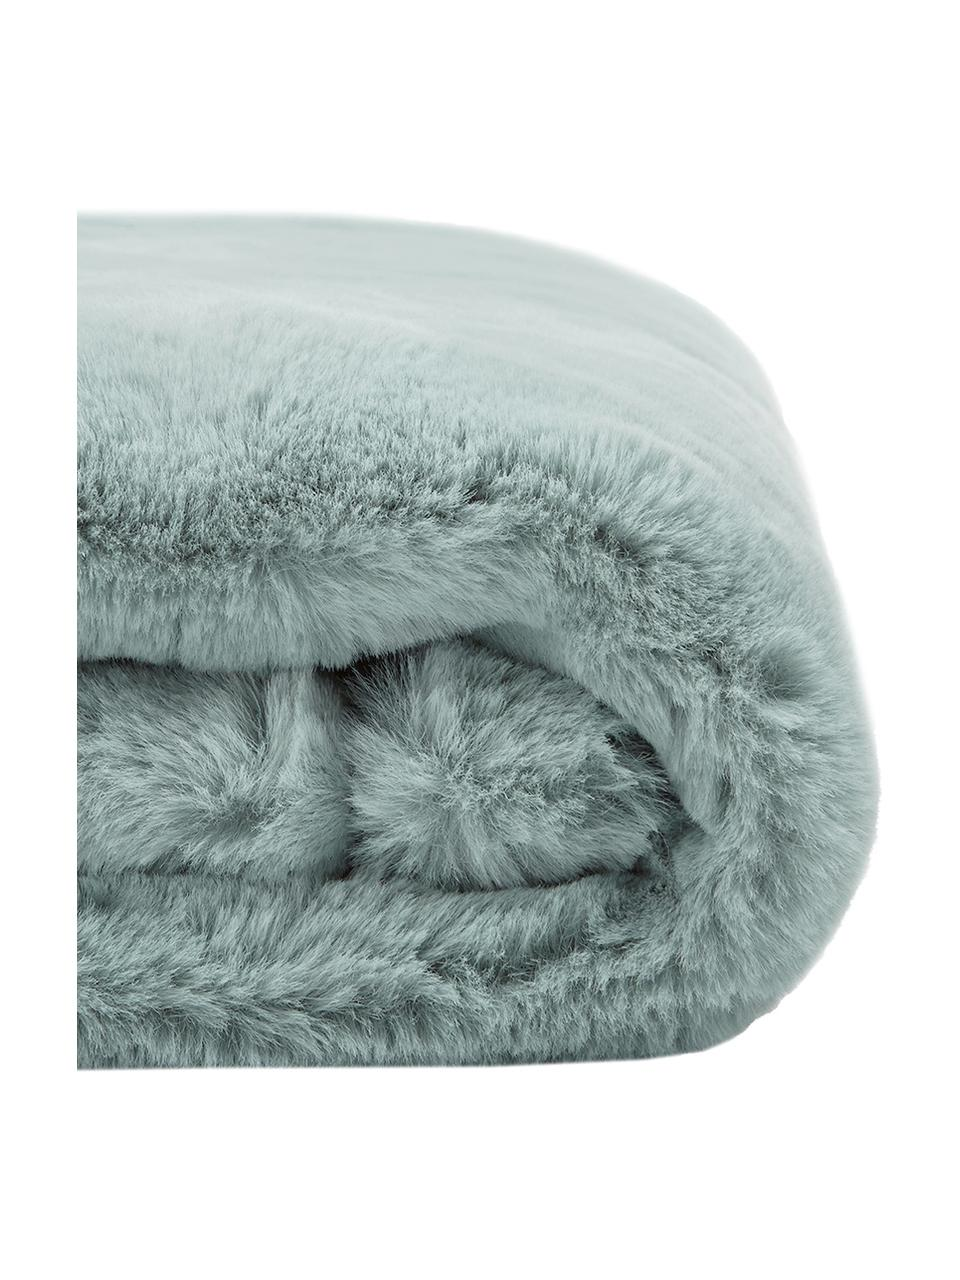 Kuscheldecke Mette aus Kunstfell in Salbeigrün, Vorderseite: 100% Polyester, Rückseite: 100% Polyester, Salbeigrün, 150 x 200 cm